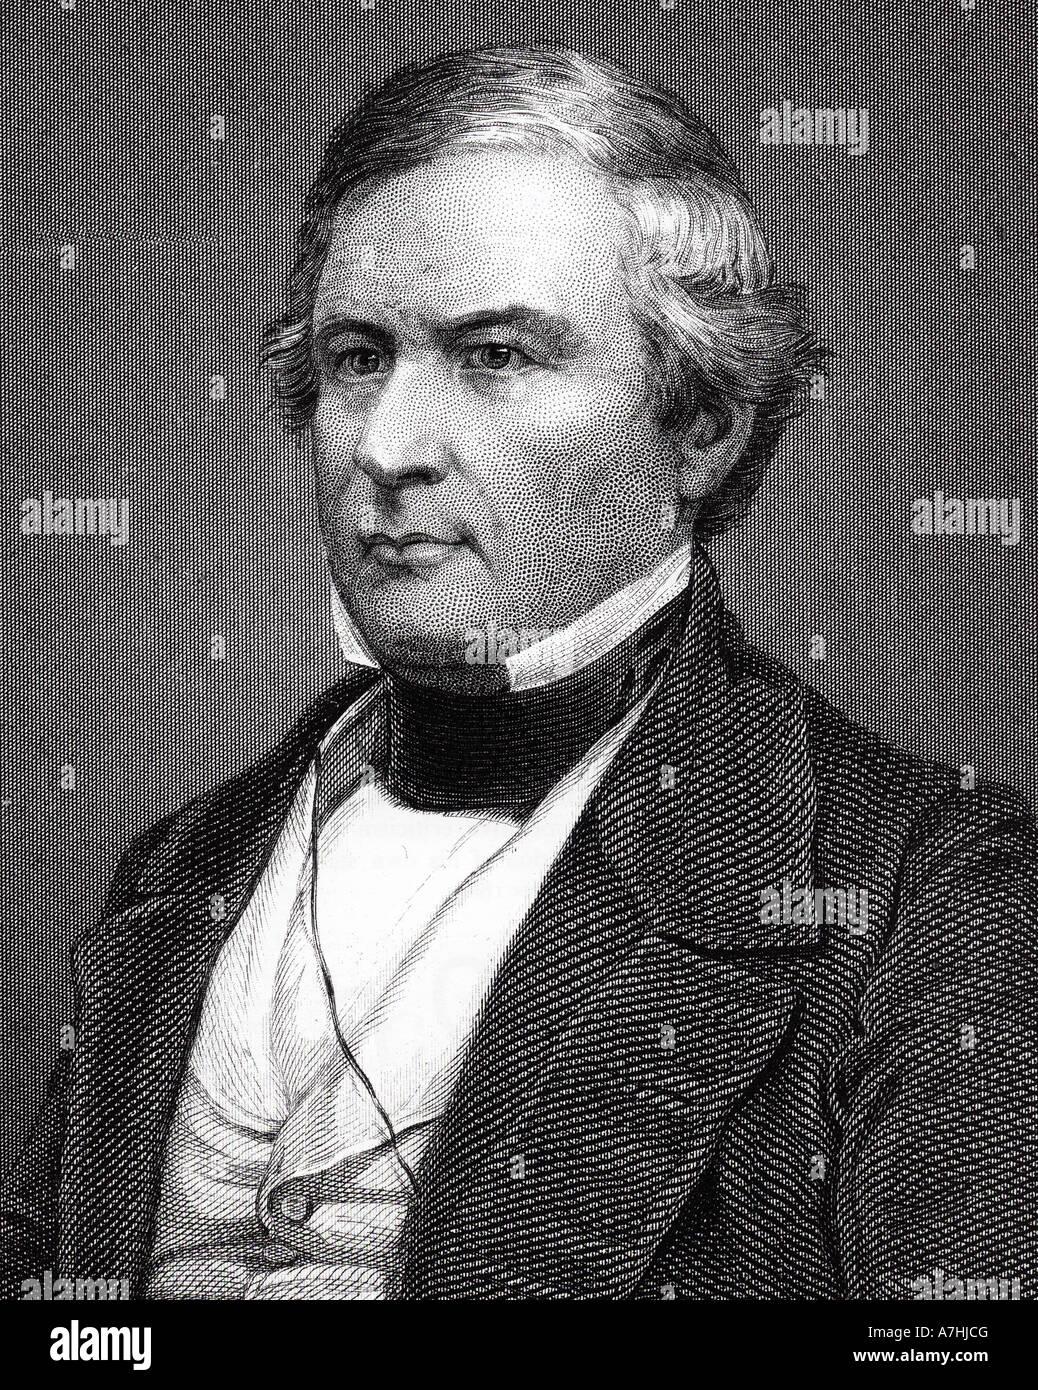 MILLARD FILLMORE - XIII il Presidente degli Stati Uniti (1800-1874) Immagini Stock